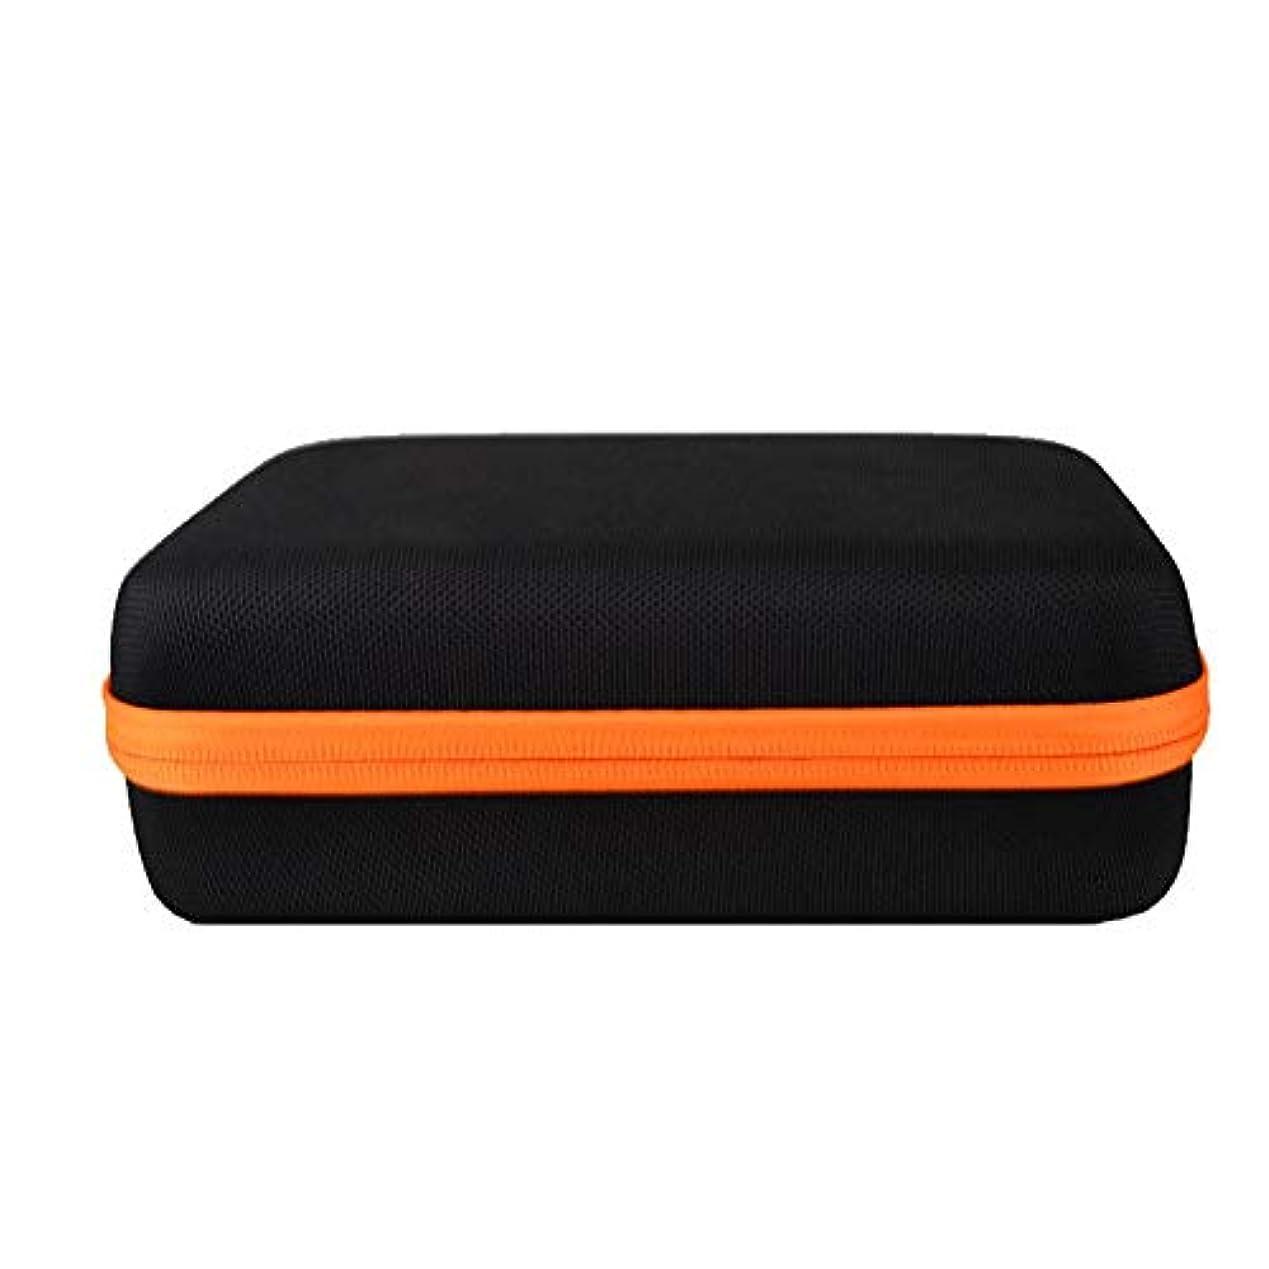 びん呼吸モールス信号精油ケース オレンジ5ミリリットル/ 10ミリリットル/ 15ミリリットルの油のボトル用ケースプレミアム保護キャリングエッセンシャルオイル 携帯便利 (色 : オレンジ, サイズ : 21.5X17.2X7.6CM)